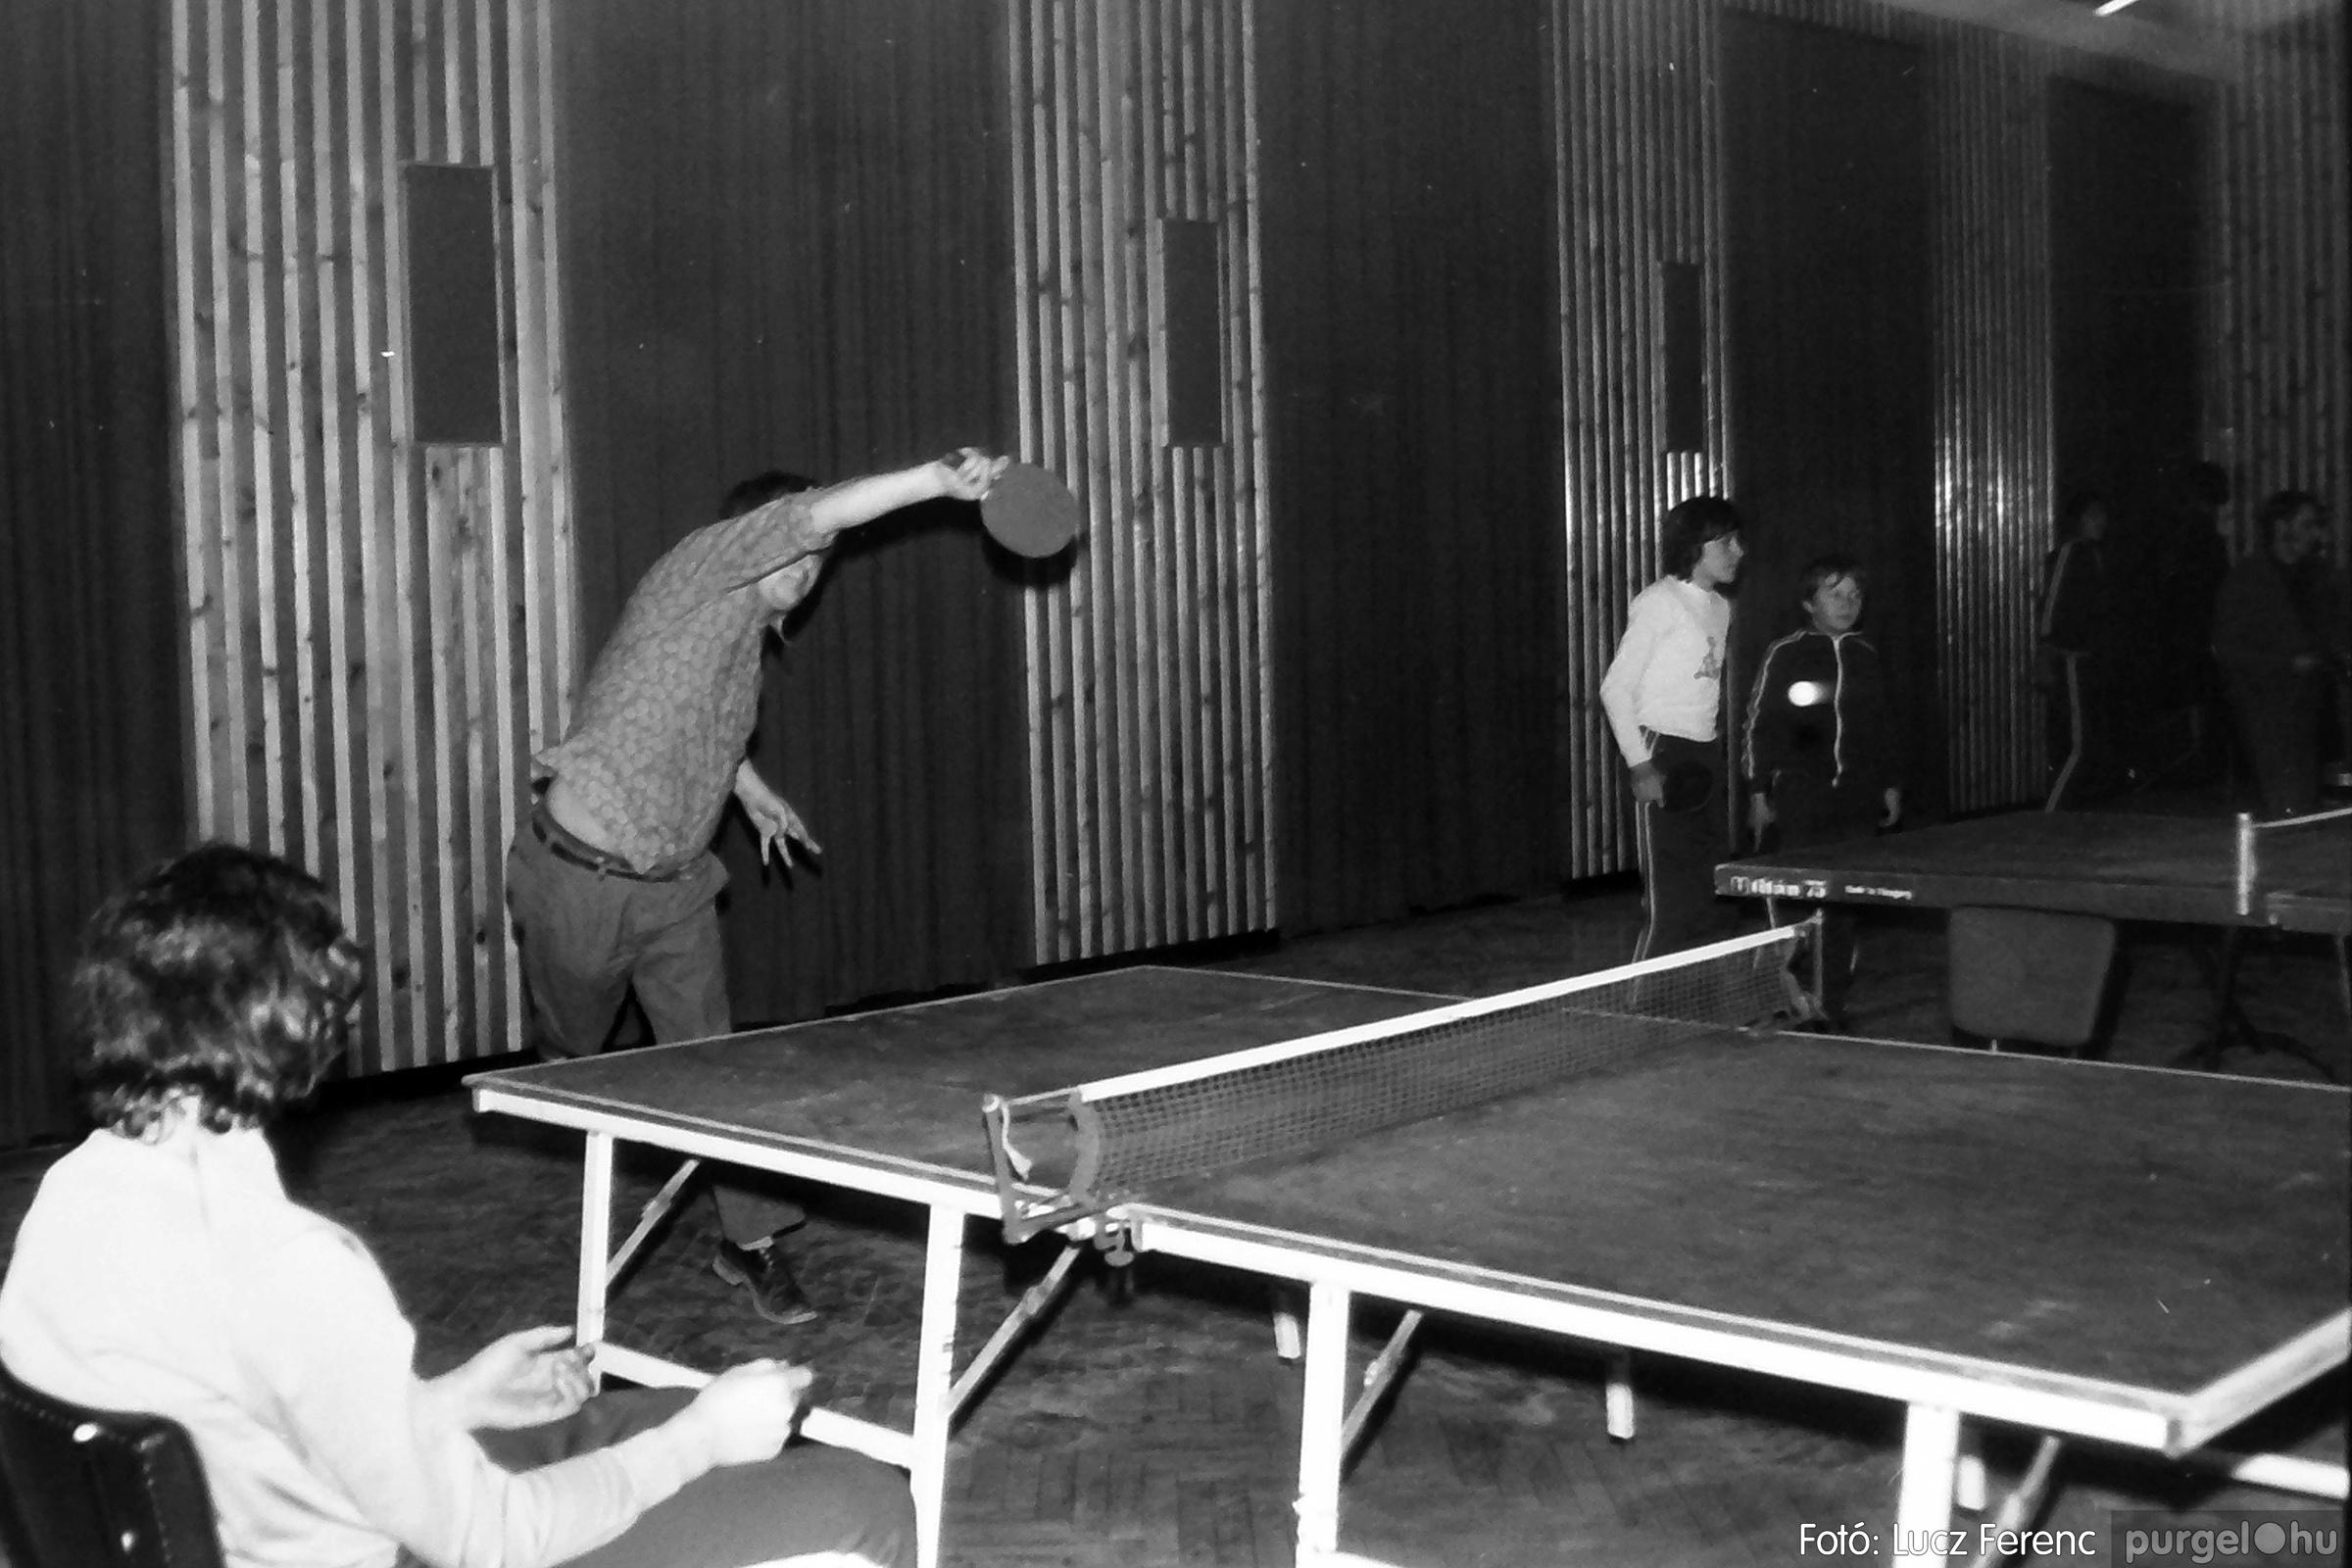 073. 1977. Asztaltenisz verseny 005. - Fotó: Lucz Ferenc.jpg